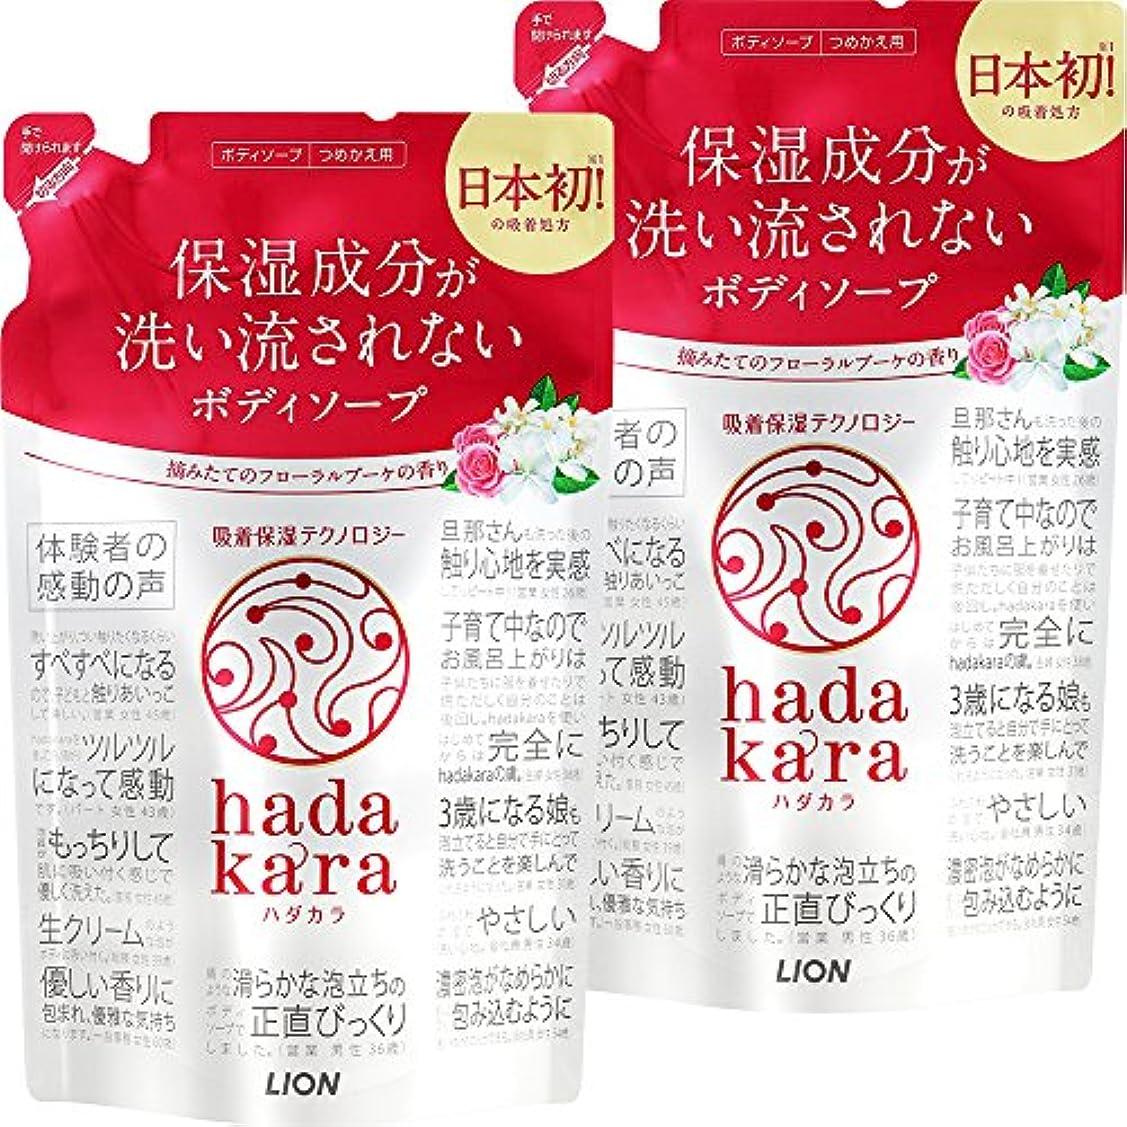 ファランクス吐き出す明確な【まとめ買い】hadakara(ハダカラ) ボディソープ フローラルブーケの香り 詰め替え 360ml×2個パック